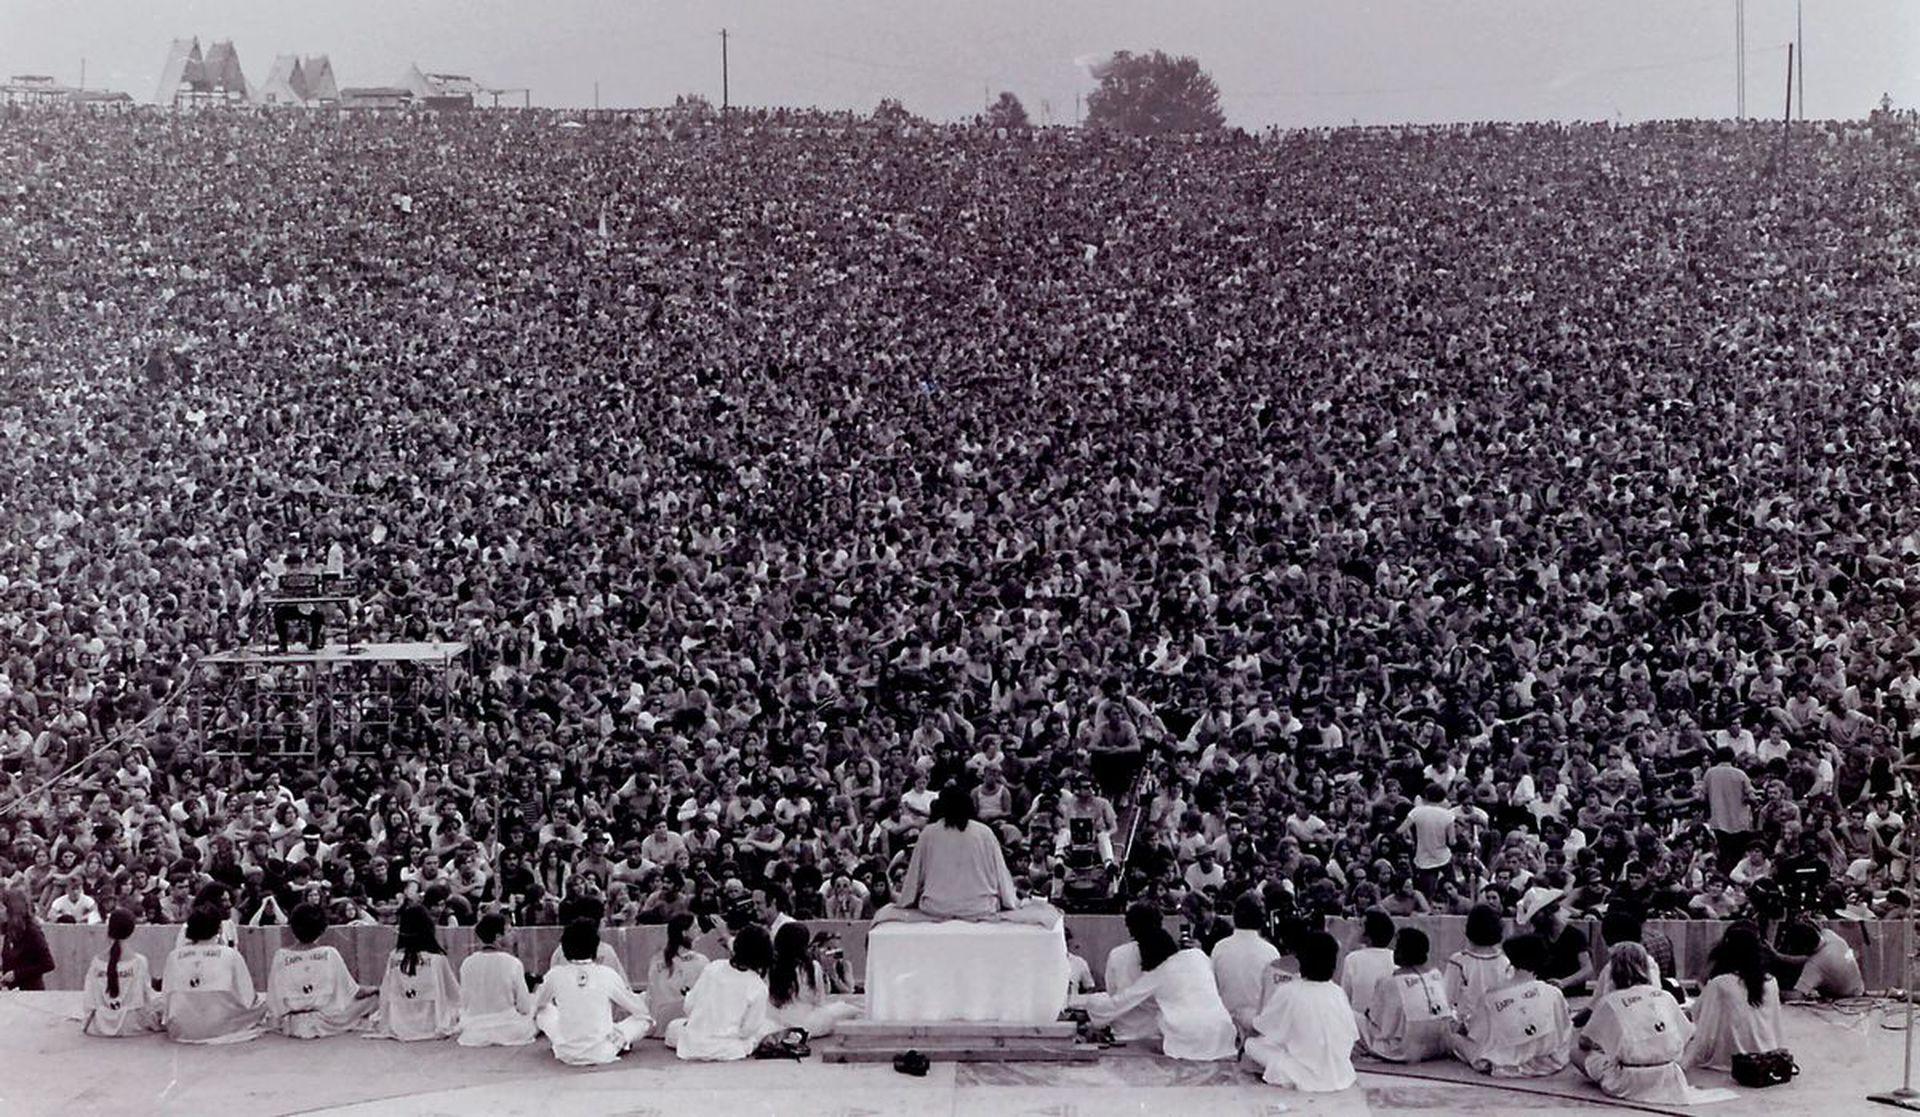 El Swami Satchidananda y su yoga multitudinario en Woodstock, la madre de todos los festivales